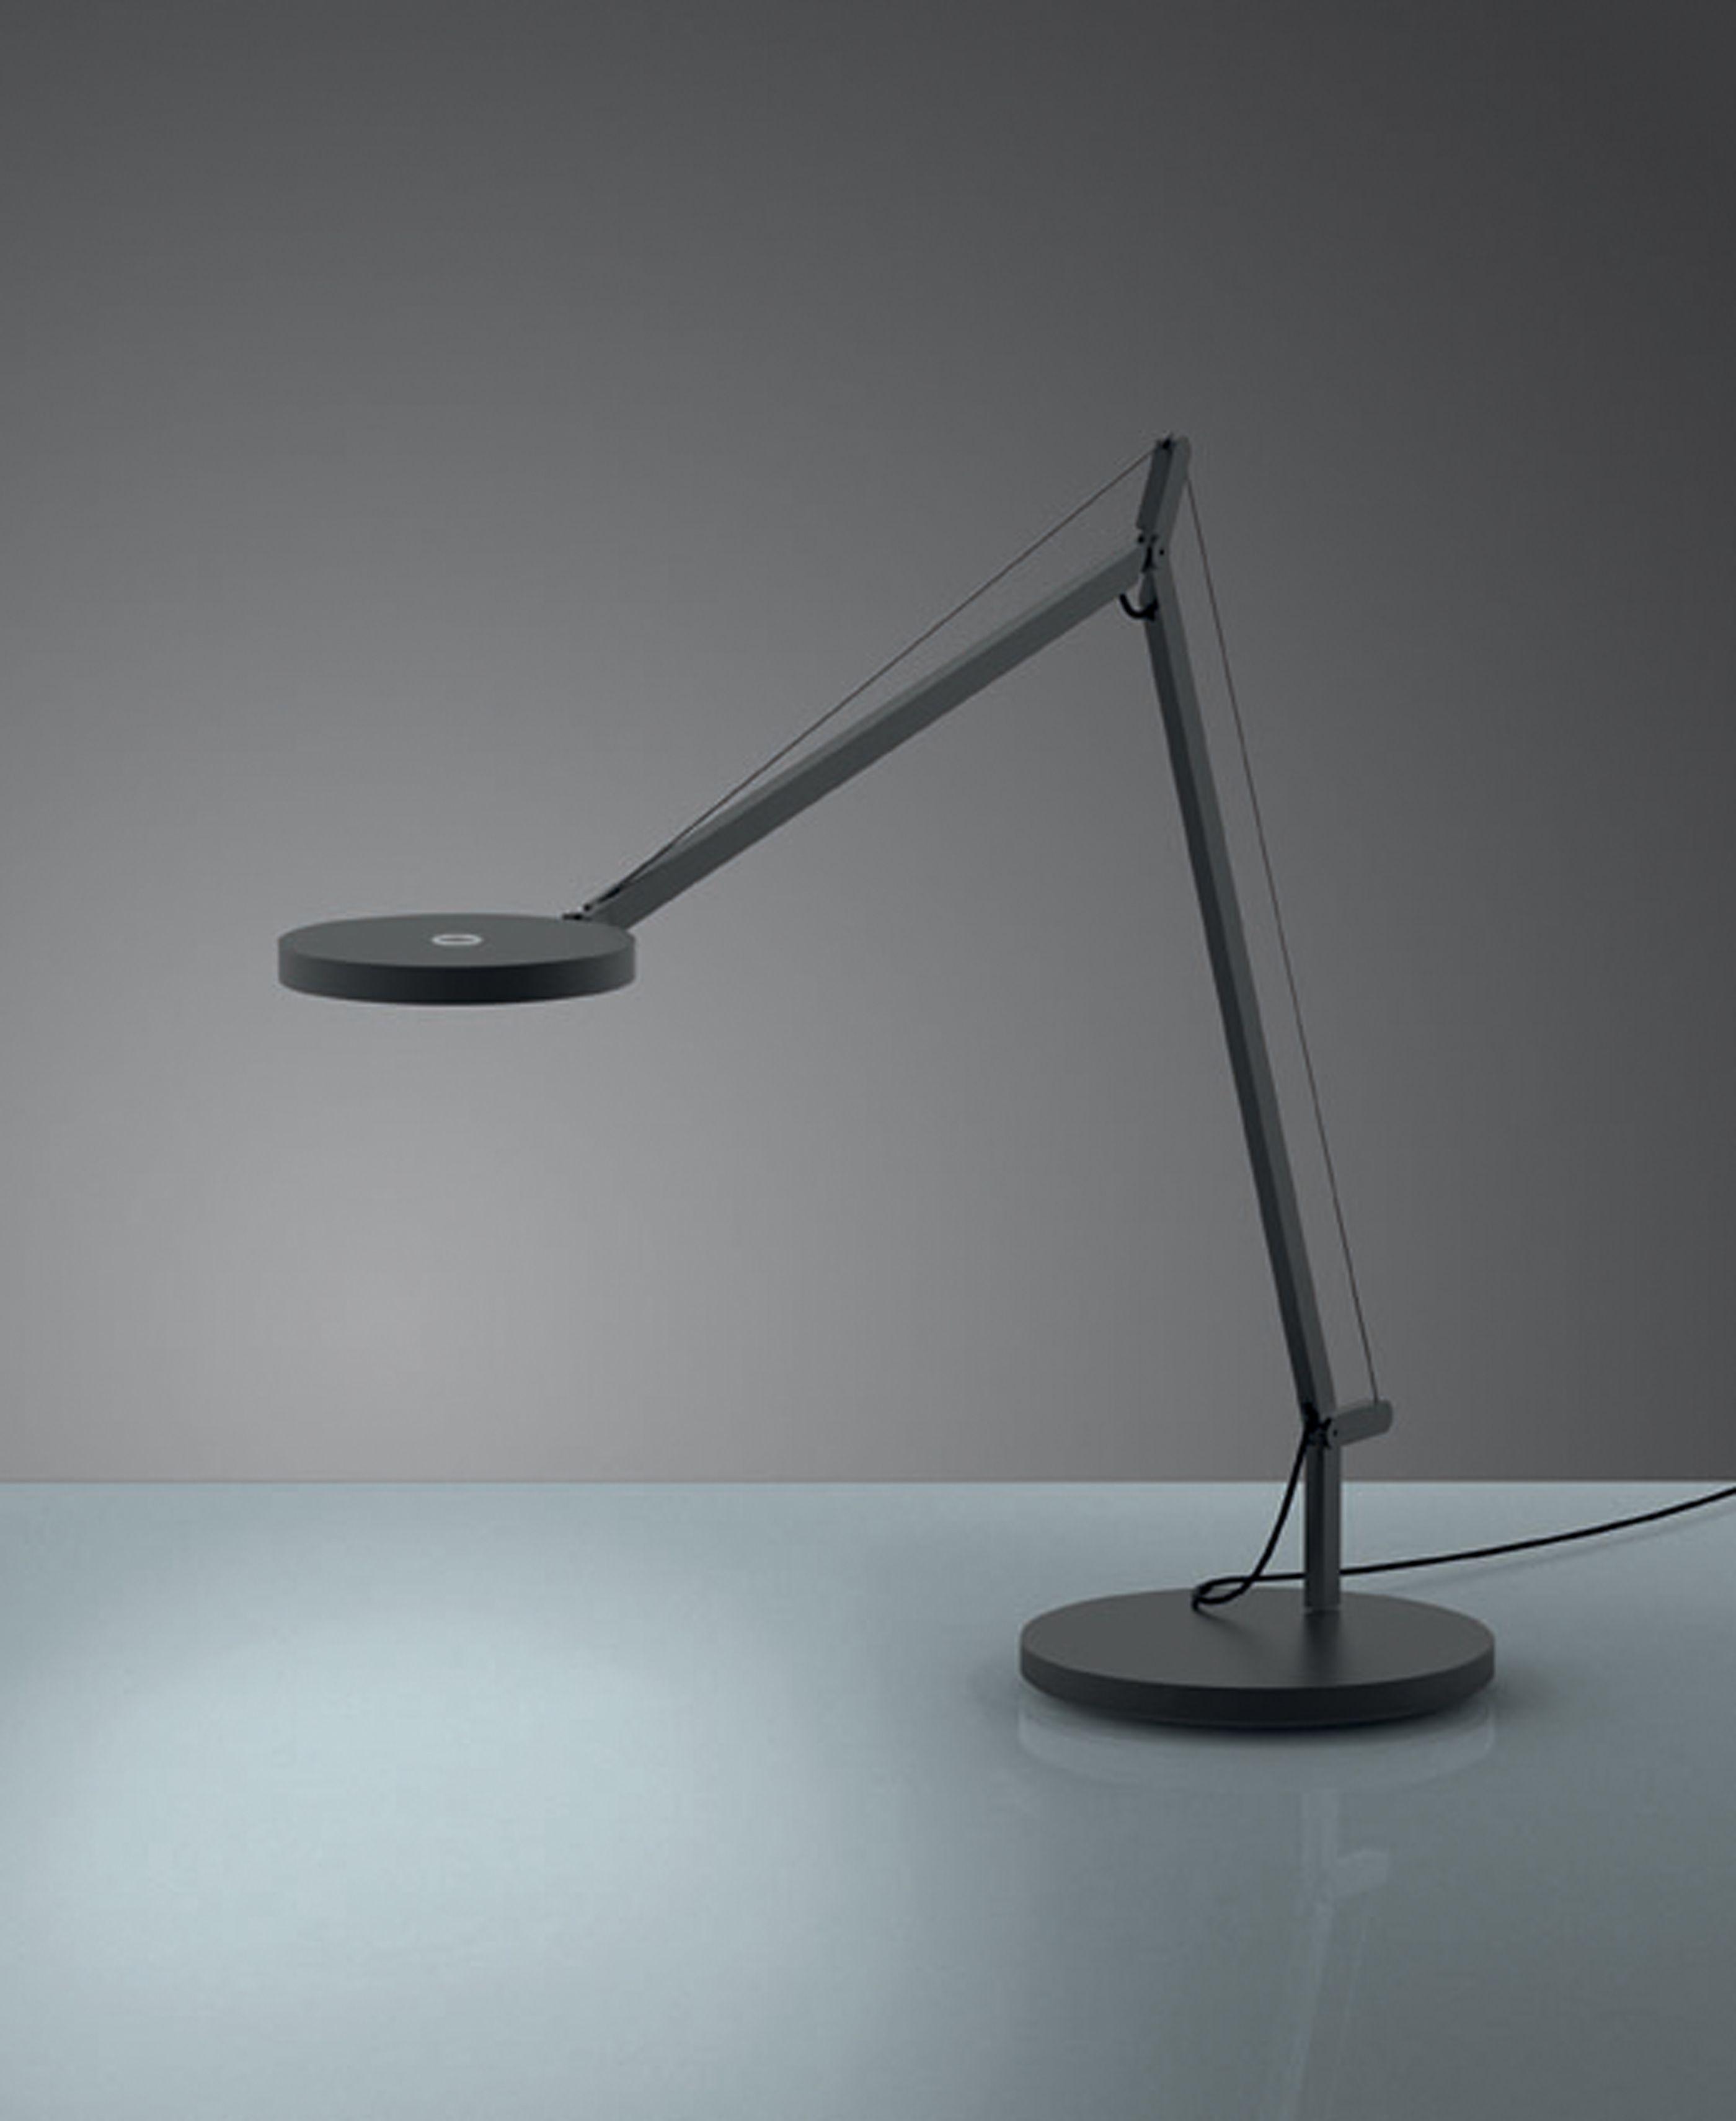 Seite Nicht Gefunden Design Leuchten Lampen Online Shop Table Lamp Lamp Desk Light